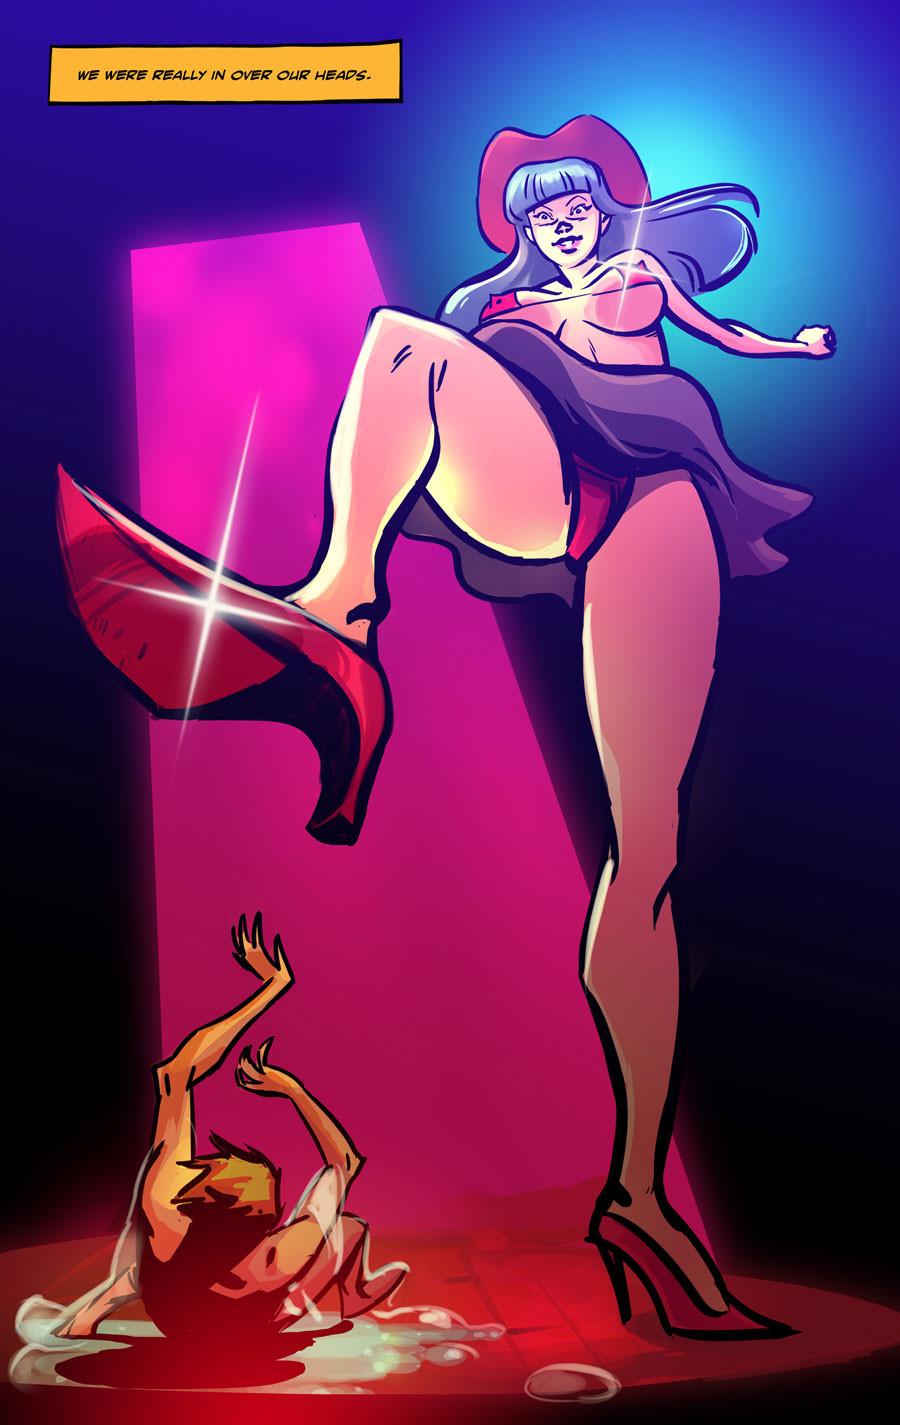 Free marin hinkle nude